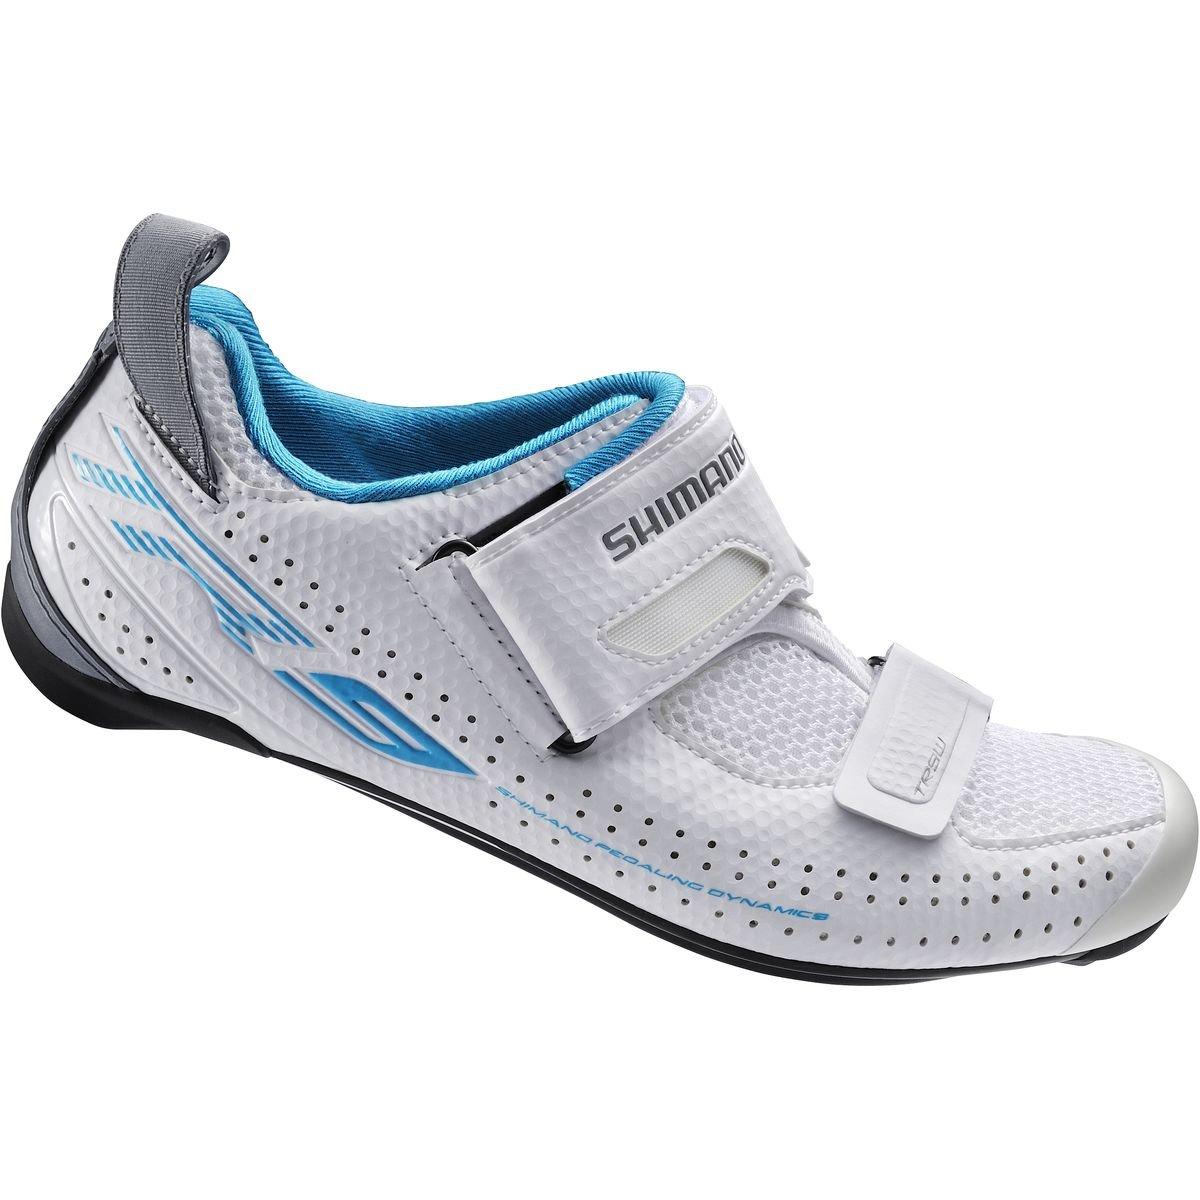 SHIMANO SH-TR9 Cycling Shoe - Women's White; 39